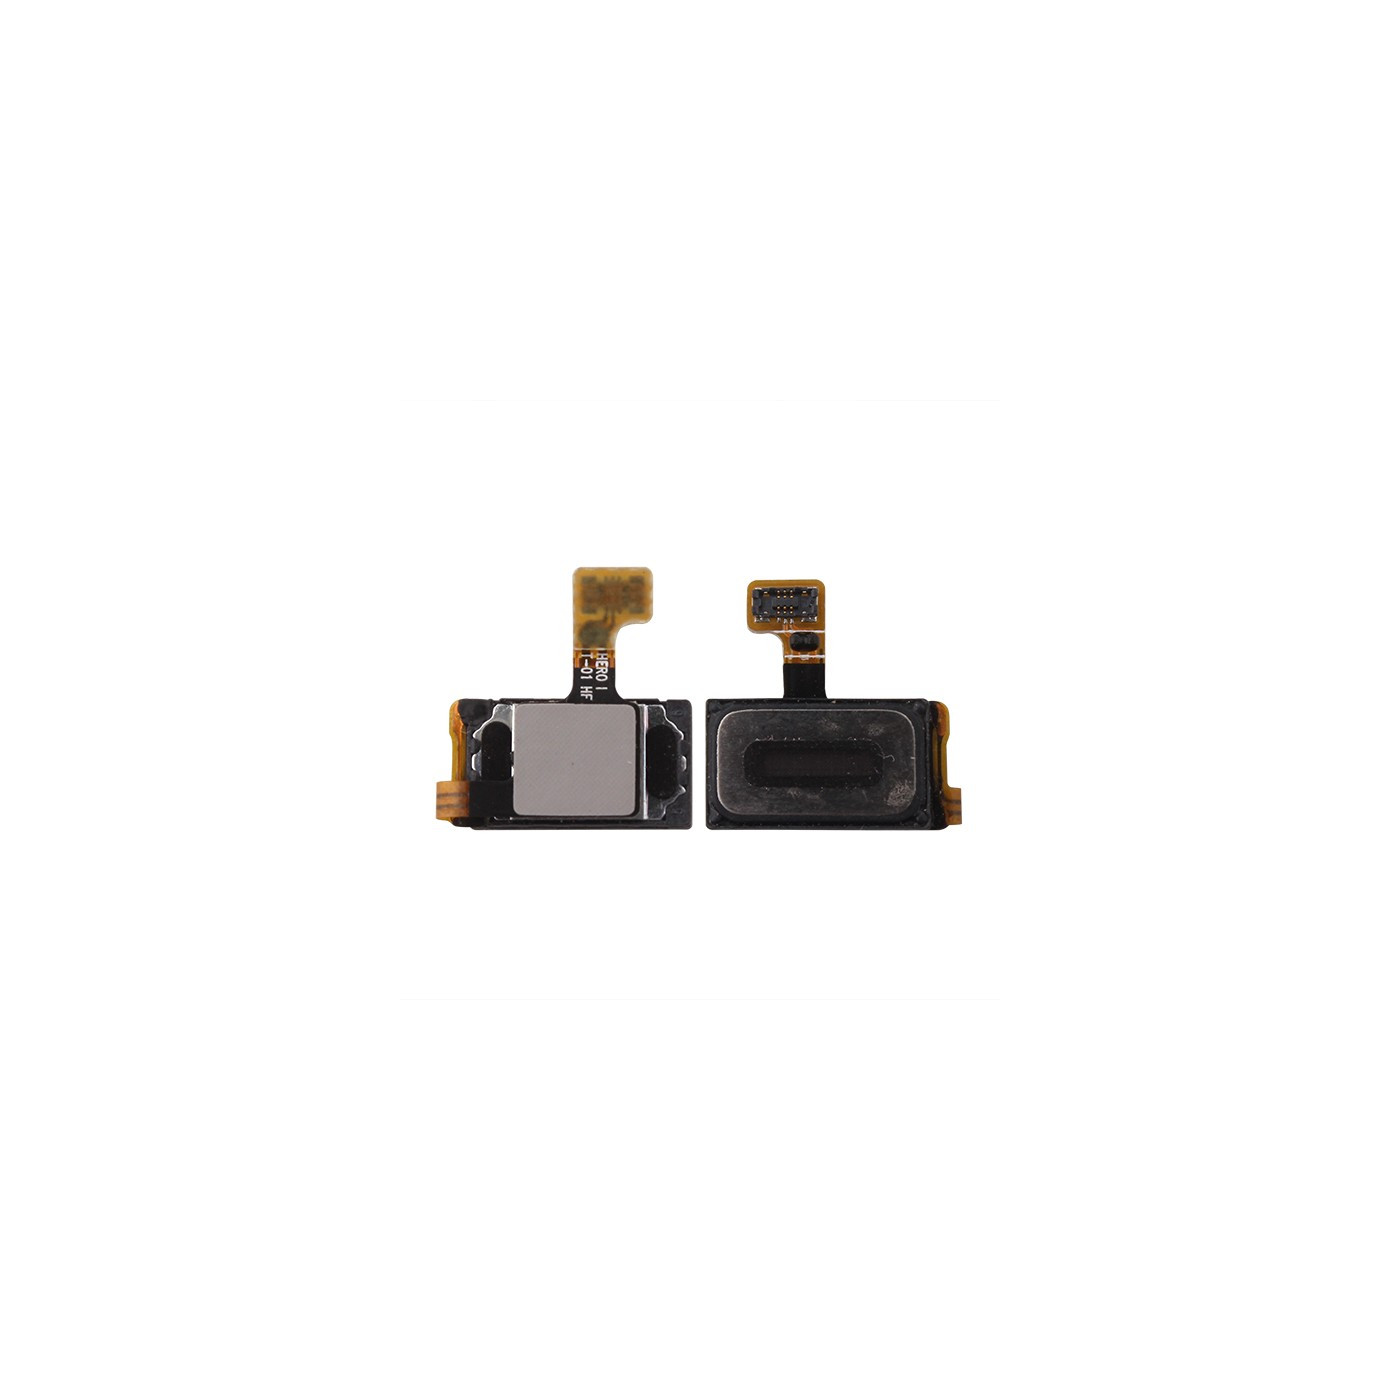 Haut-parleur d'appel plat flexible pour remplacement Samsung Galaxy S7